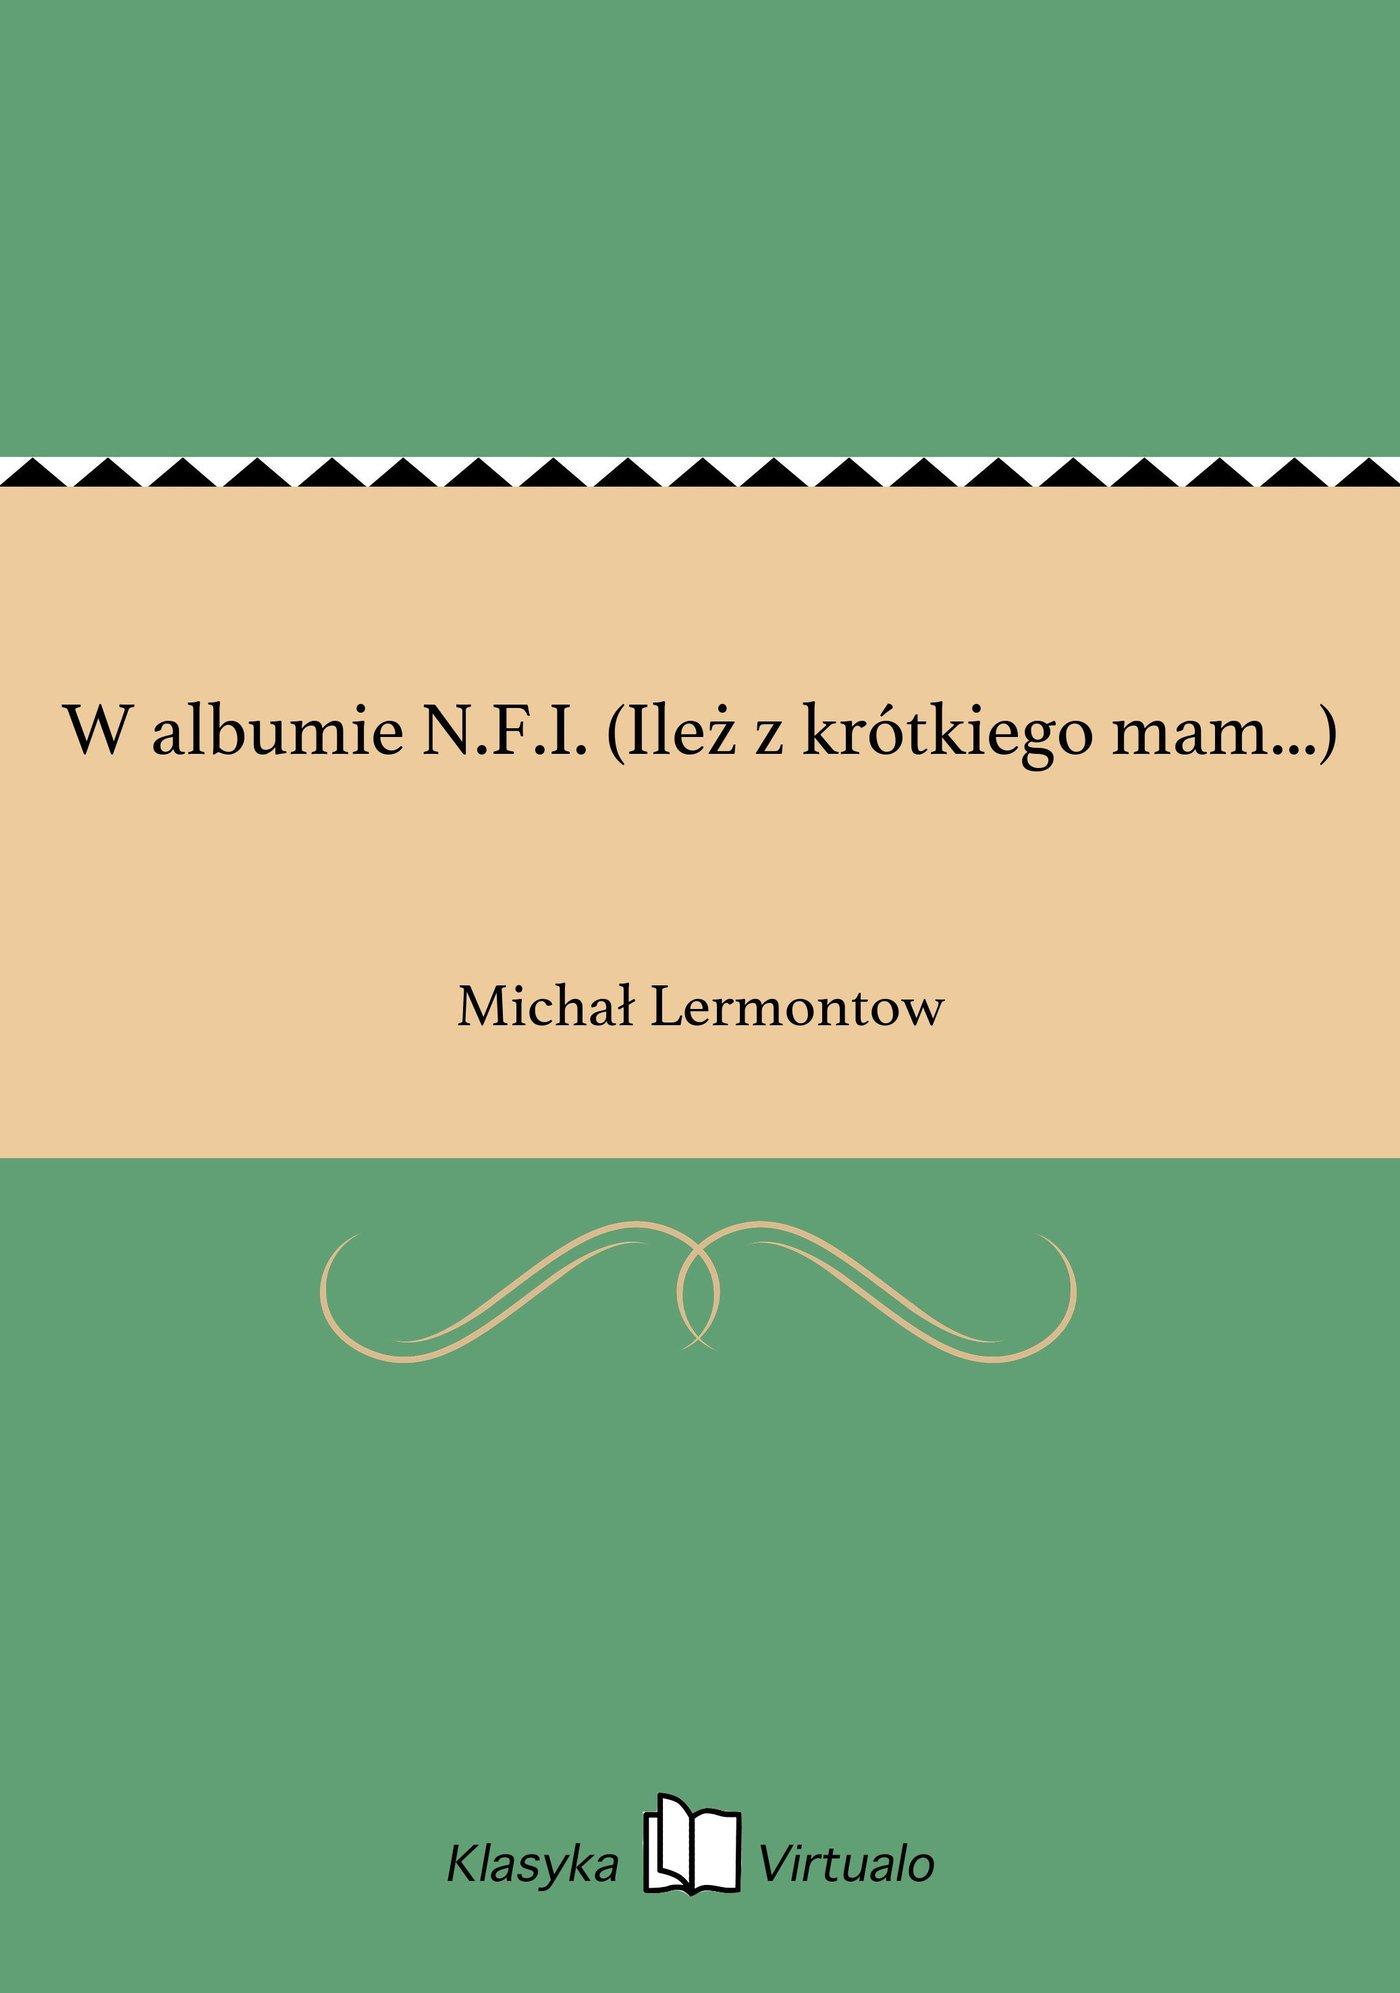 W albumie N.F.I. (Ileż z krótkiego mam...) - Ebook (Książka EPUB) do pobrania w formacie EPUB